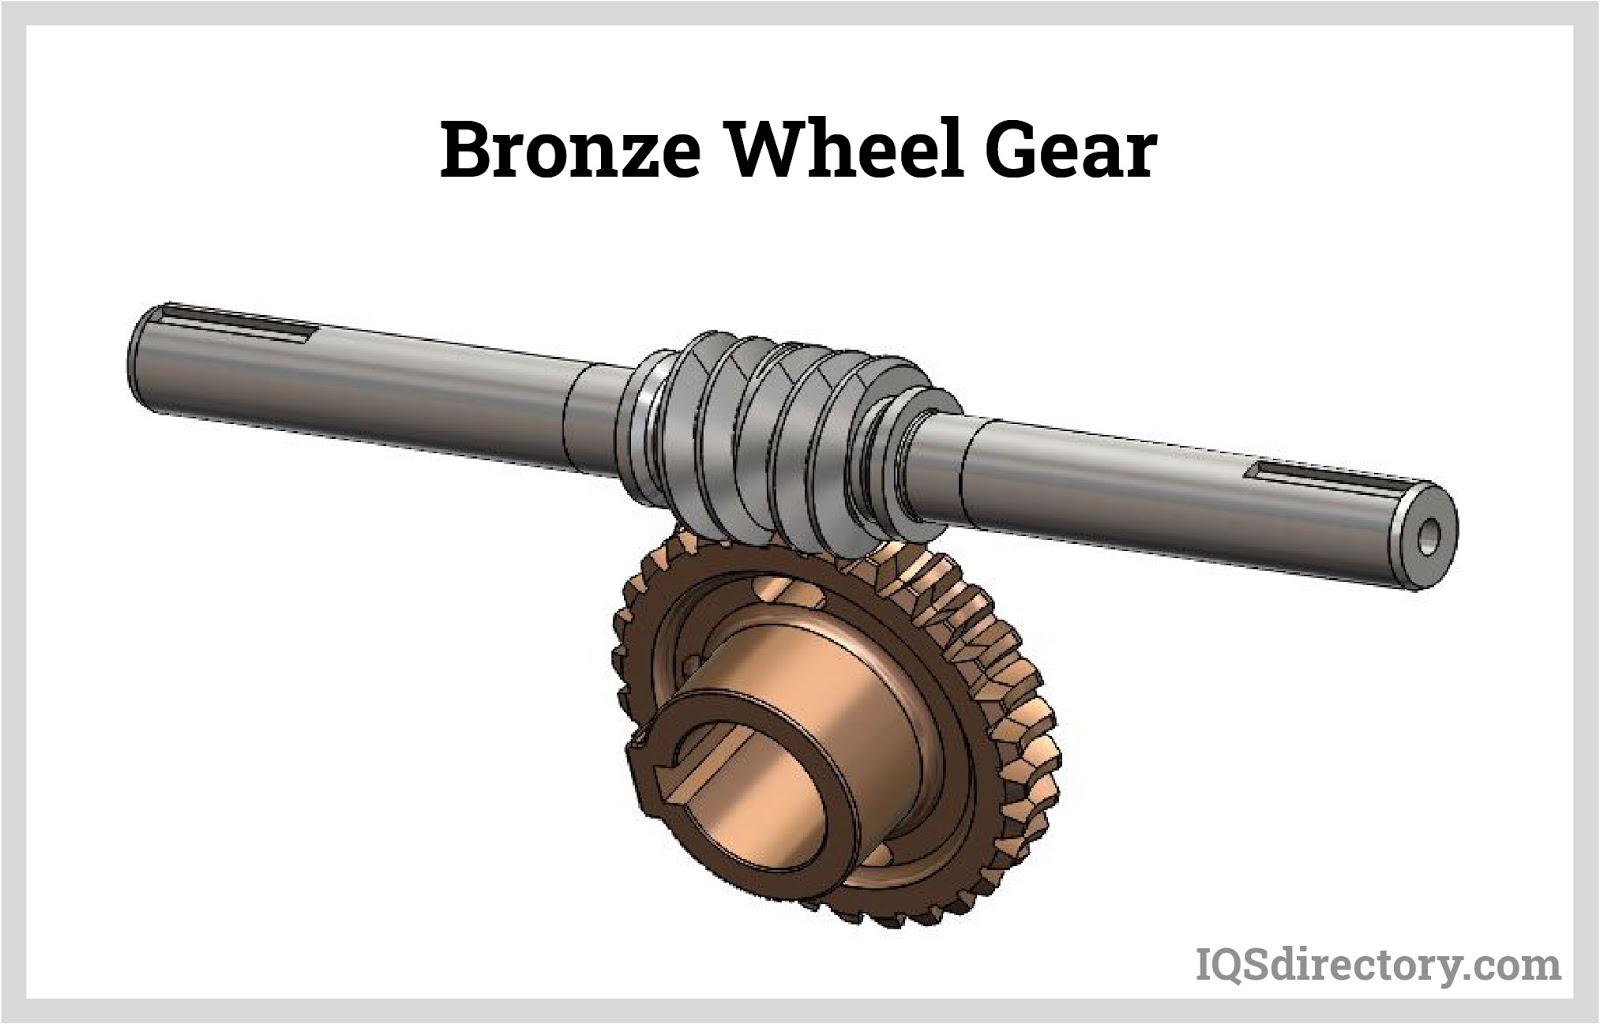 Bronze Wheel Gear